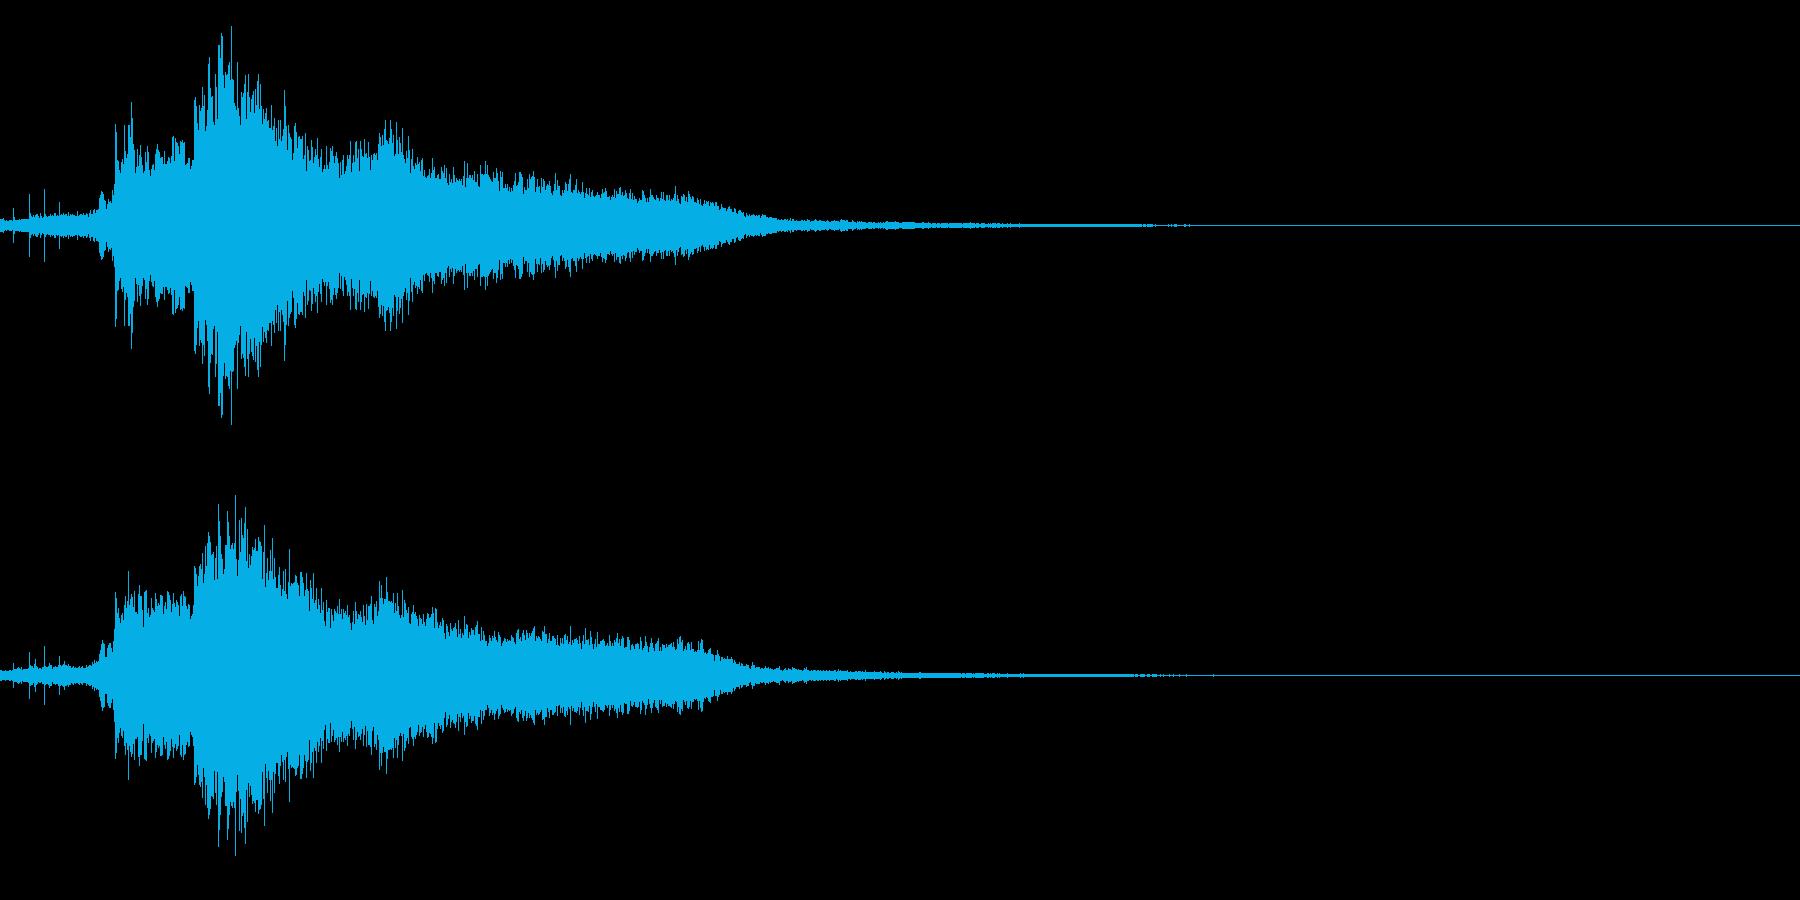 ハッピーニューイヤー ボイス&キラキラ音の再生済みの波形